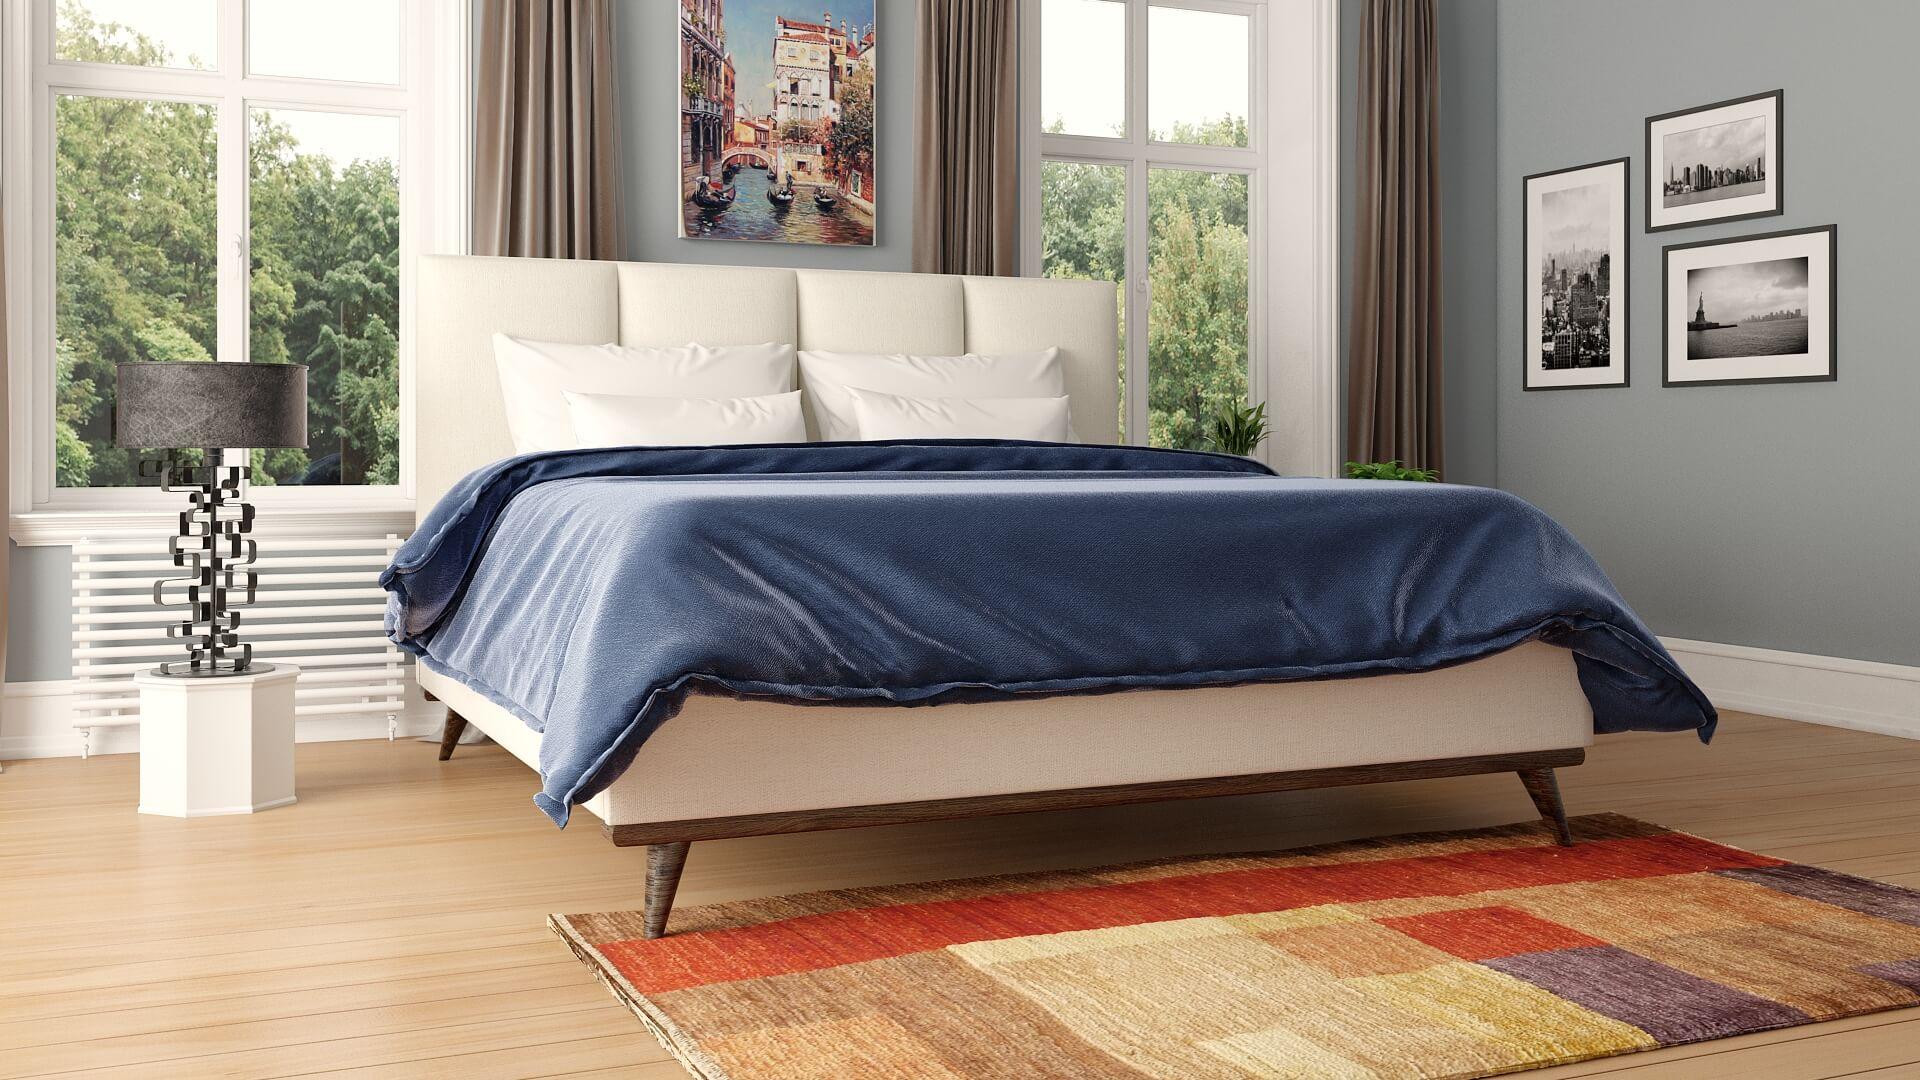 celine bed furniture gallery 4